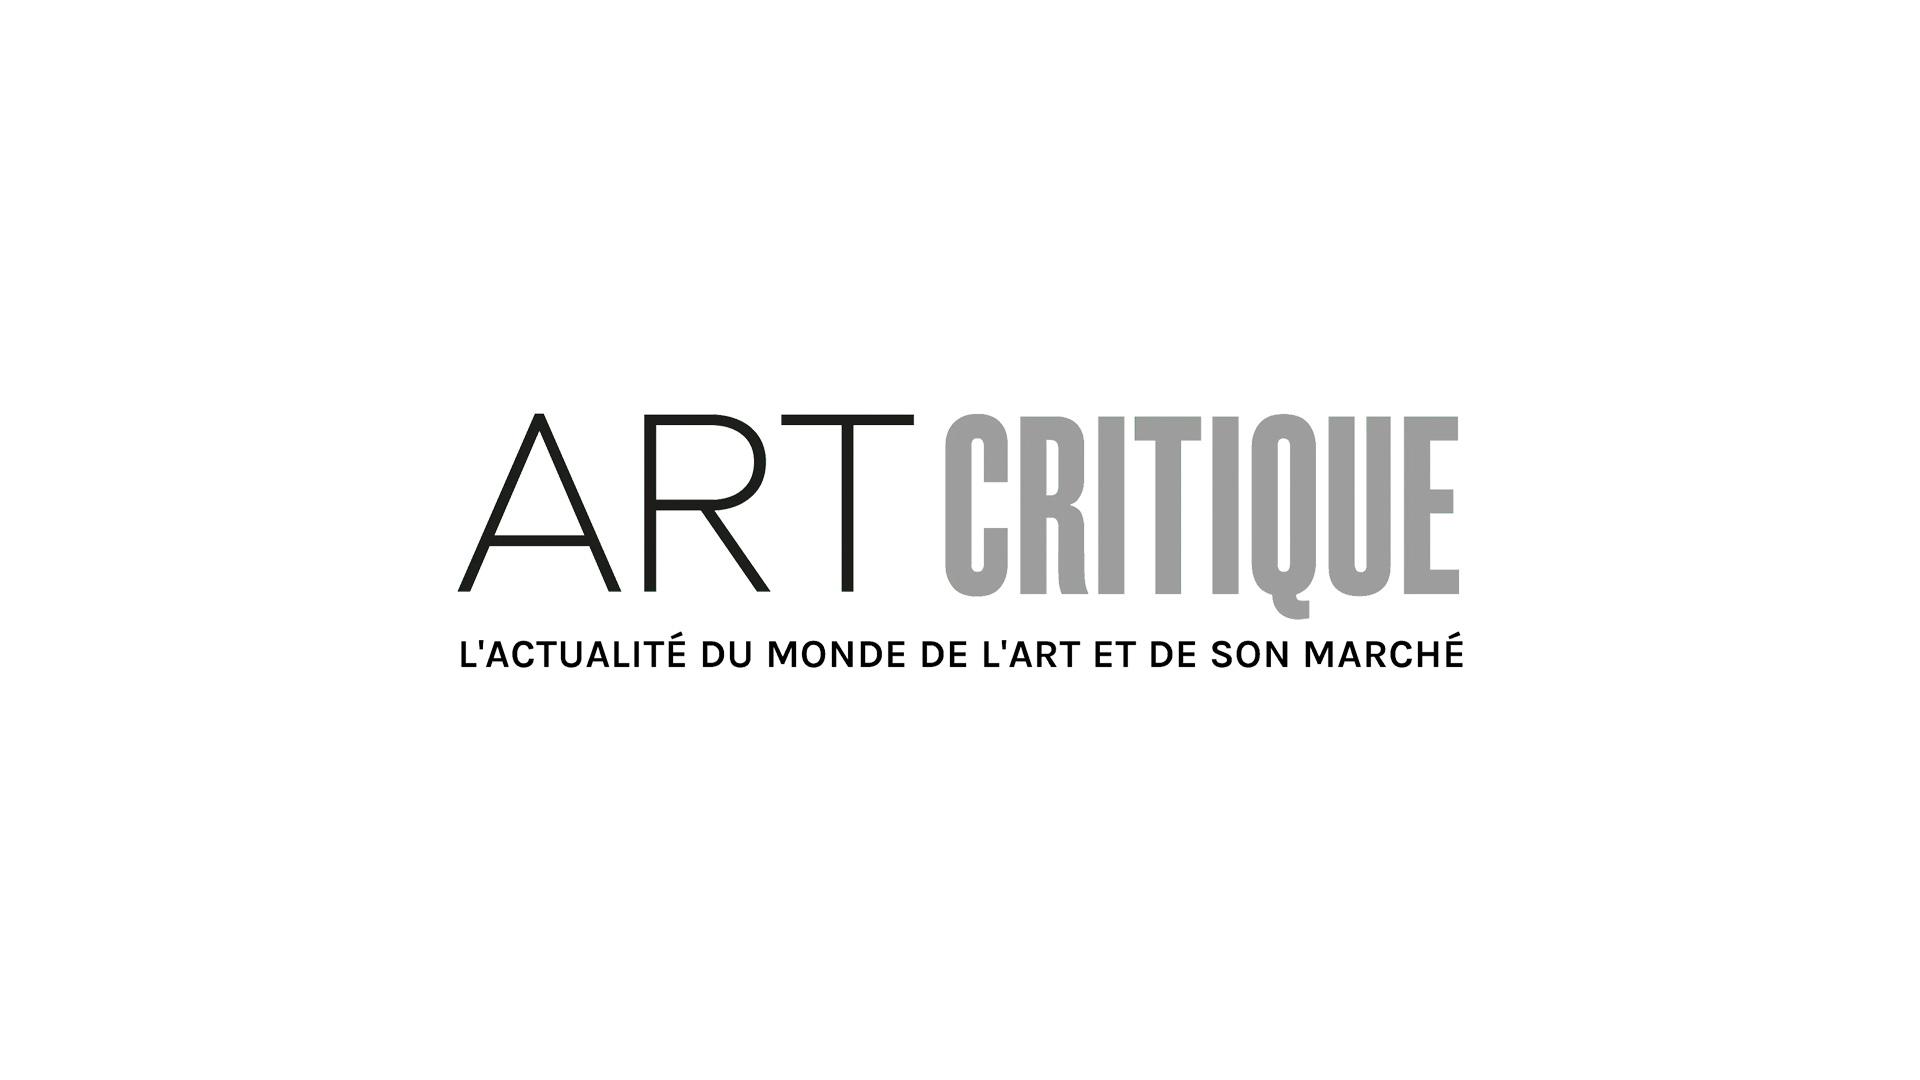 Le tableau le plus cher du monde bientôt au Louvre?